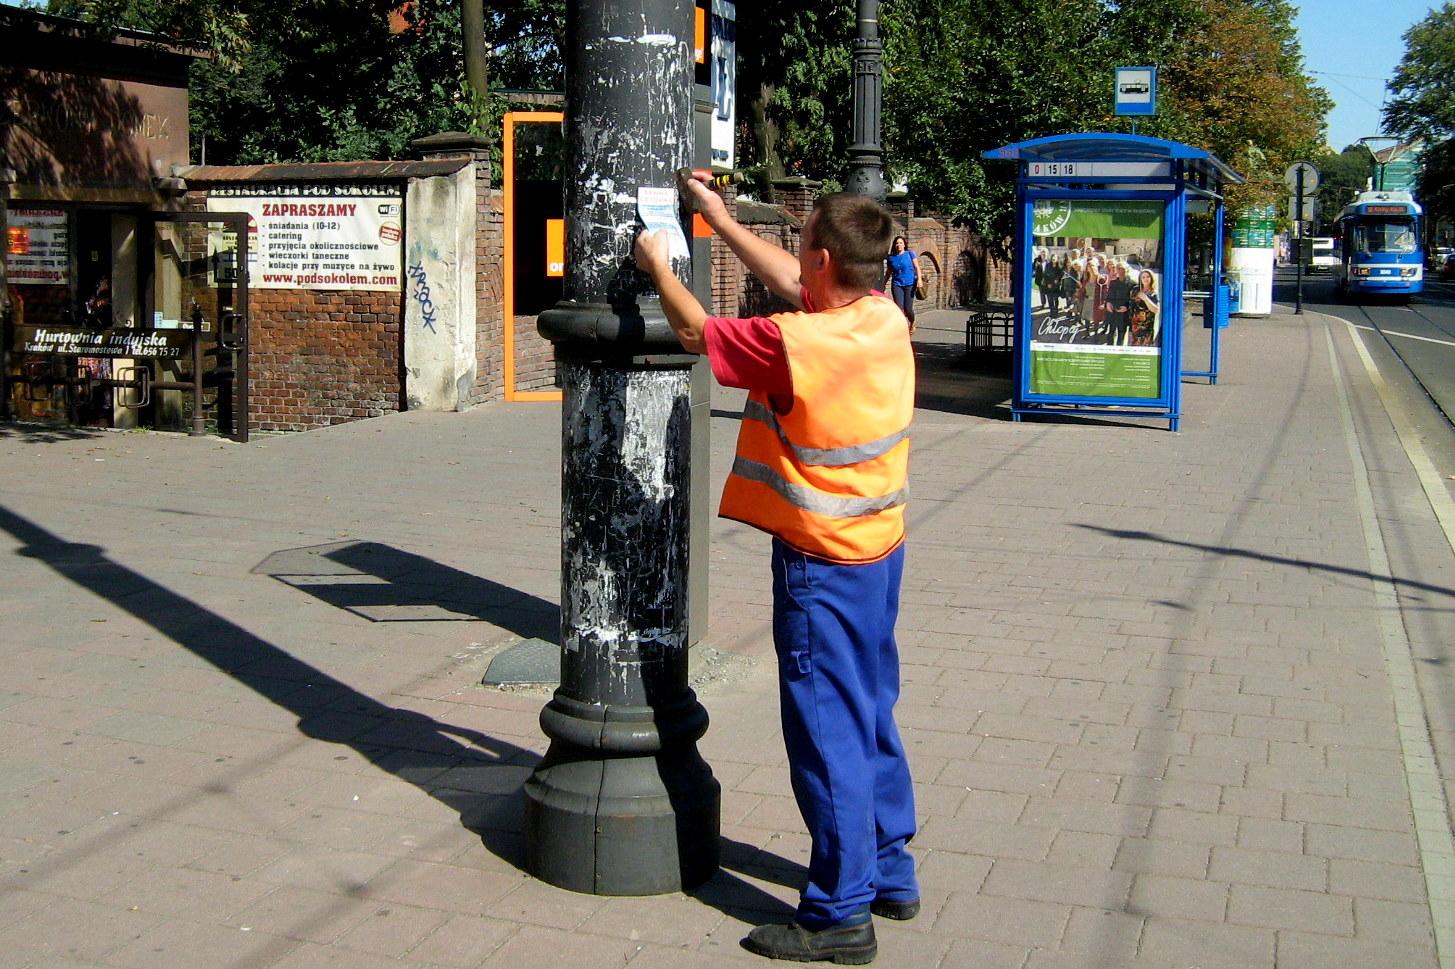 Szpecące miasto ulotki, plakaty i ogłoszenia pod lupą strażników miejskich